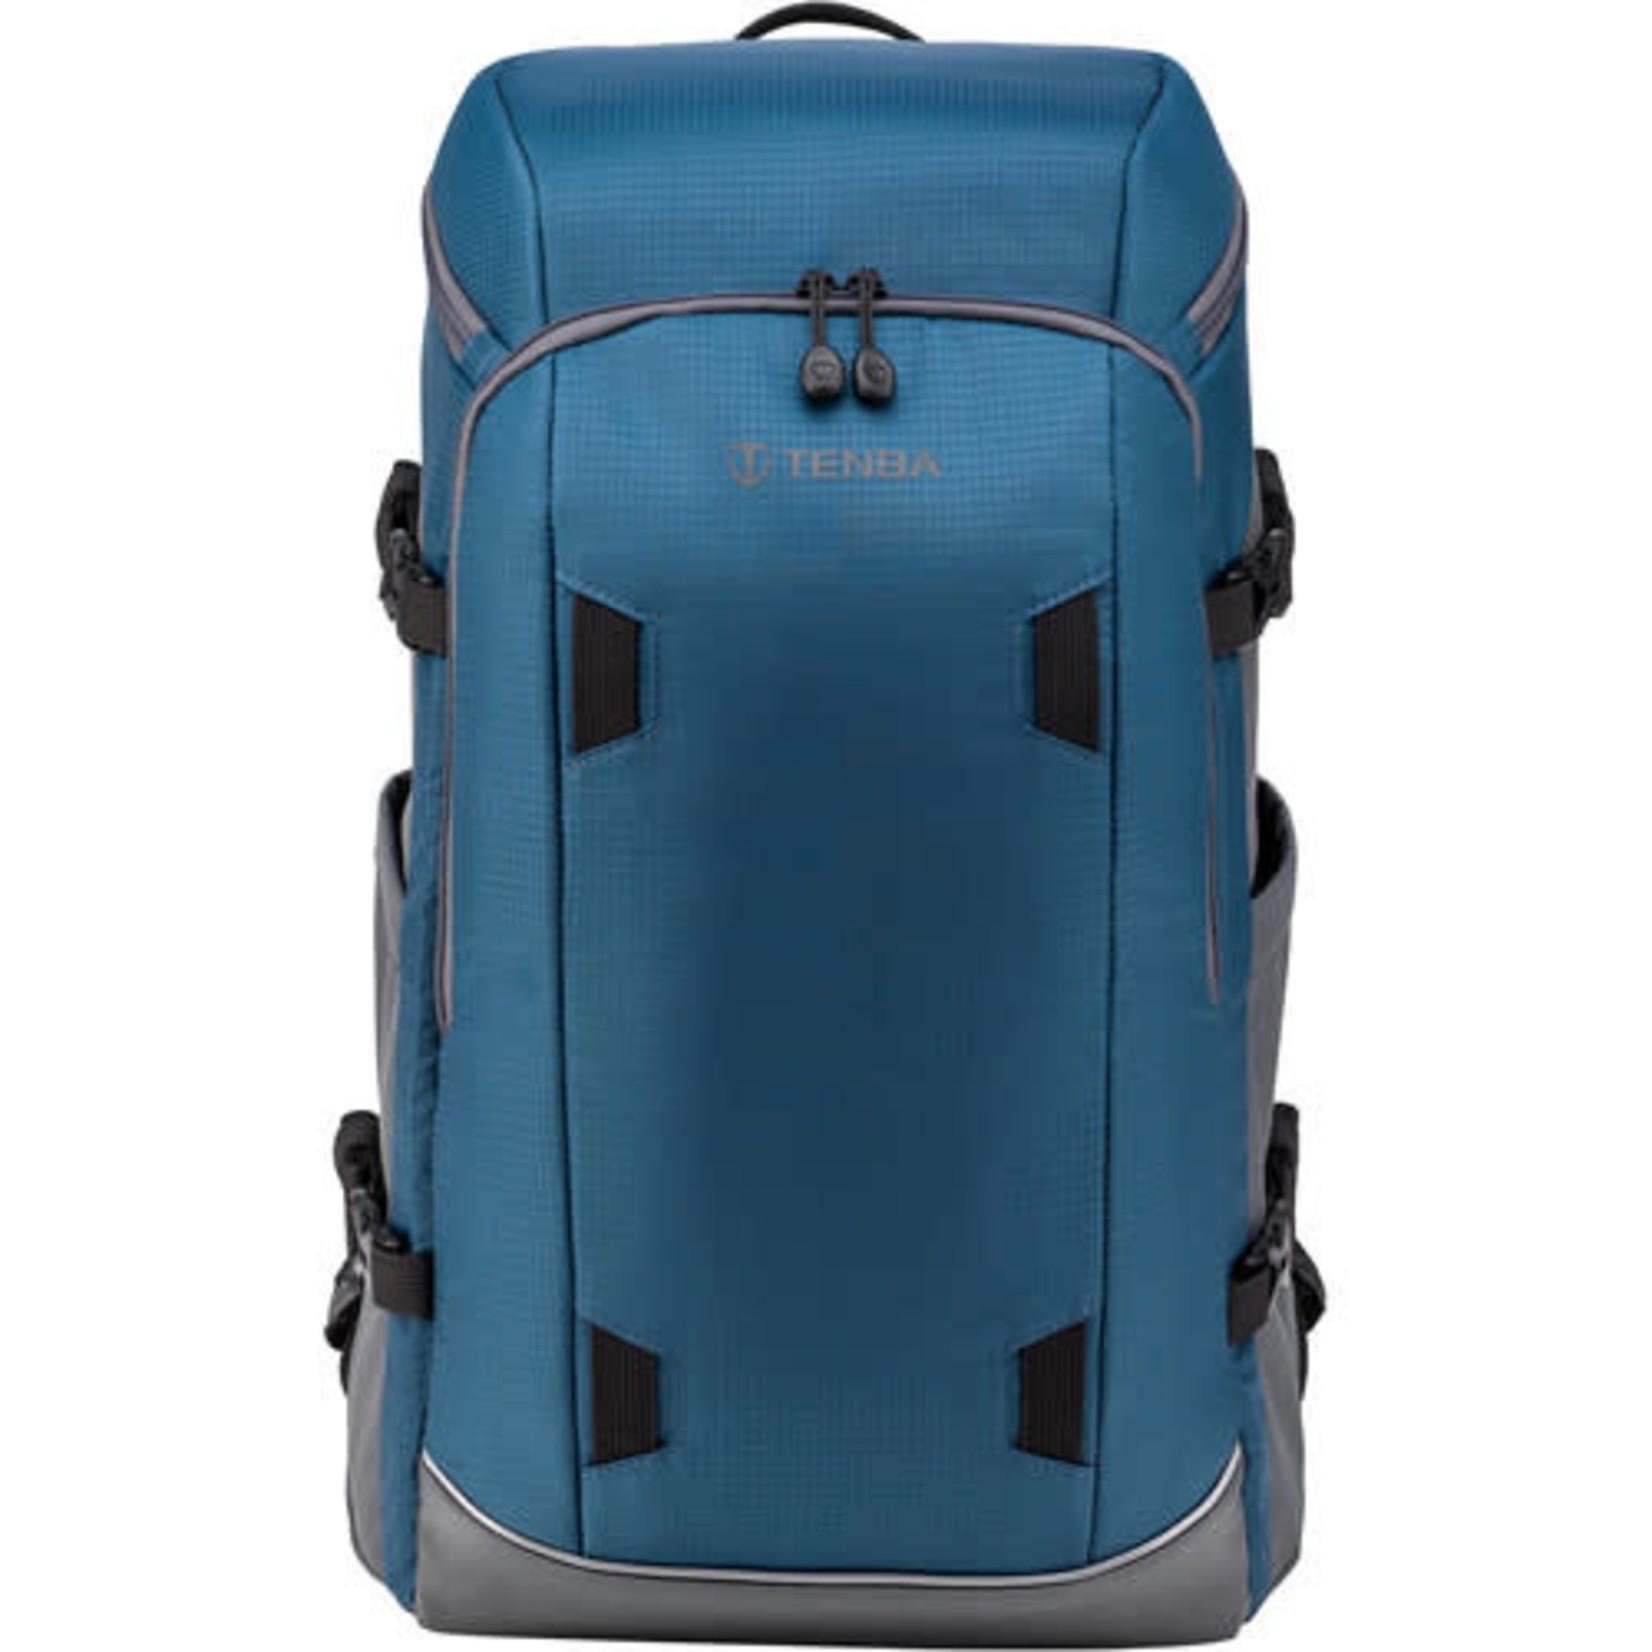 Tenba Tenba Solstice 20L Camera Backpack (Blue)